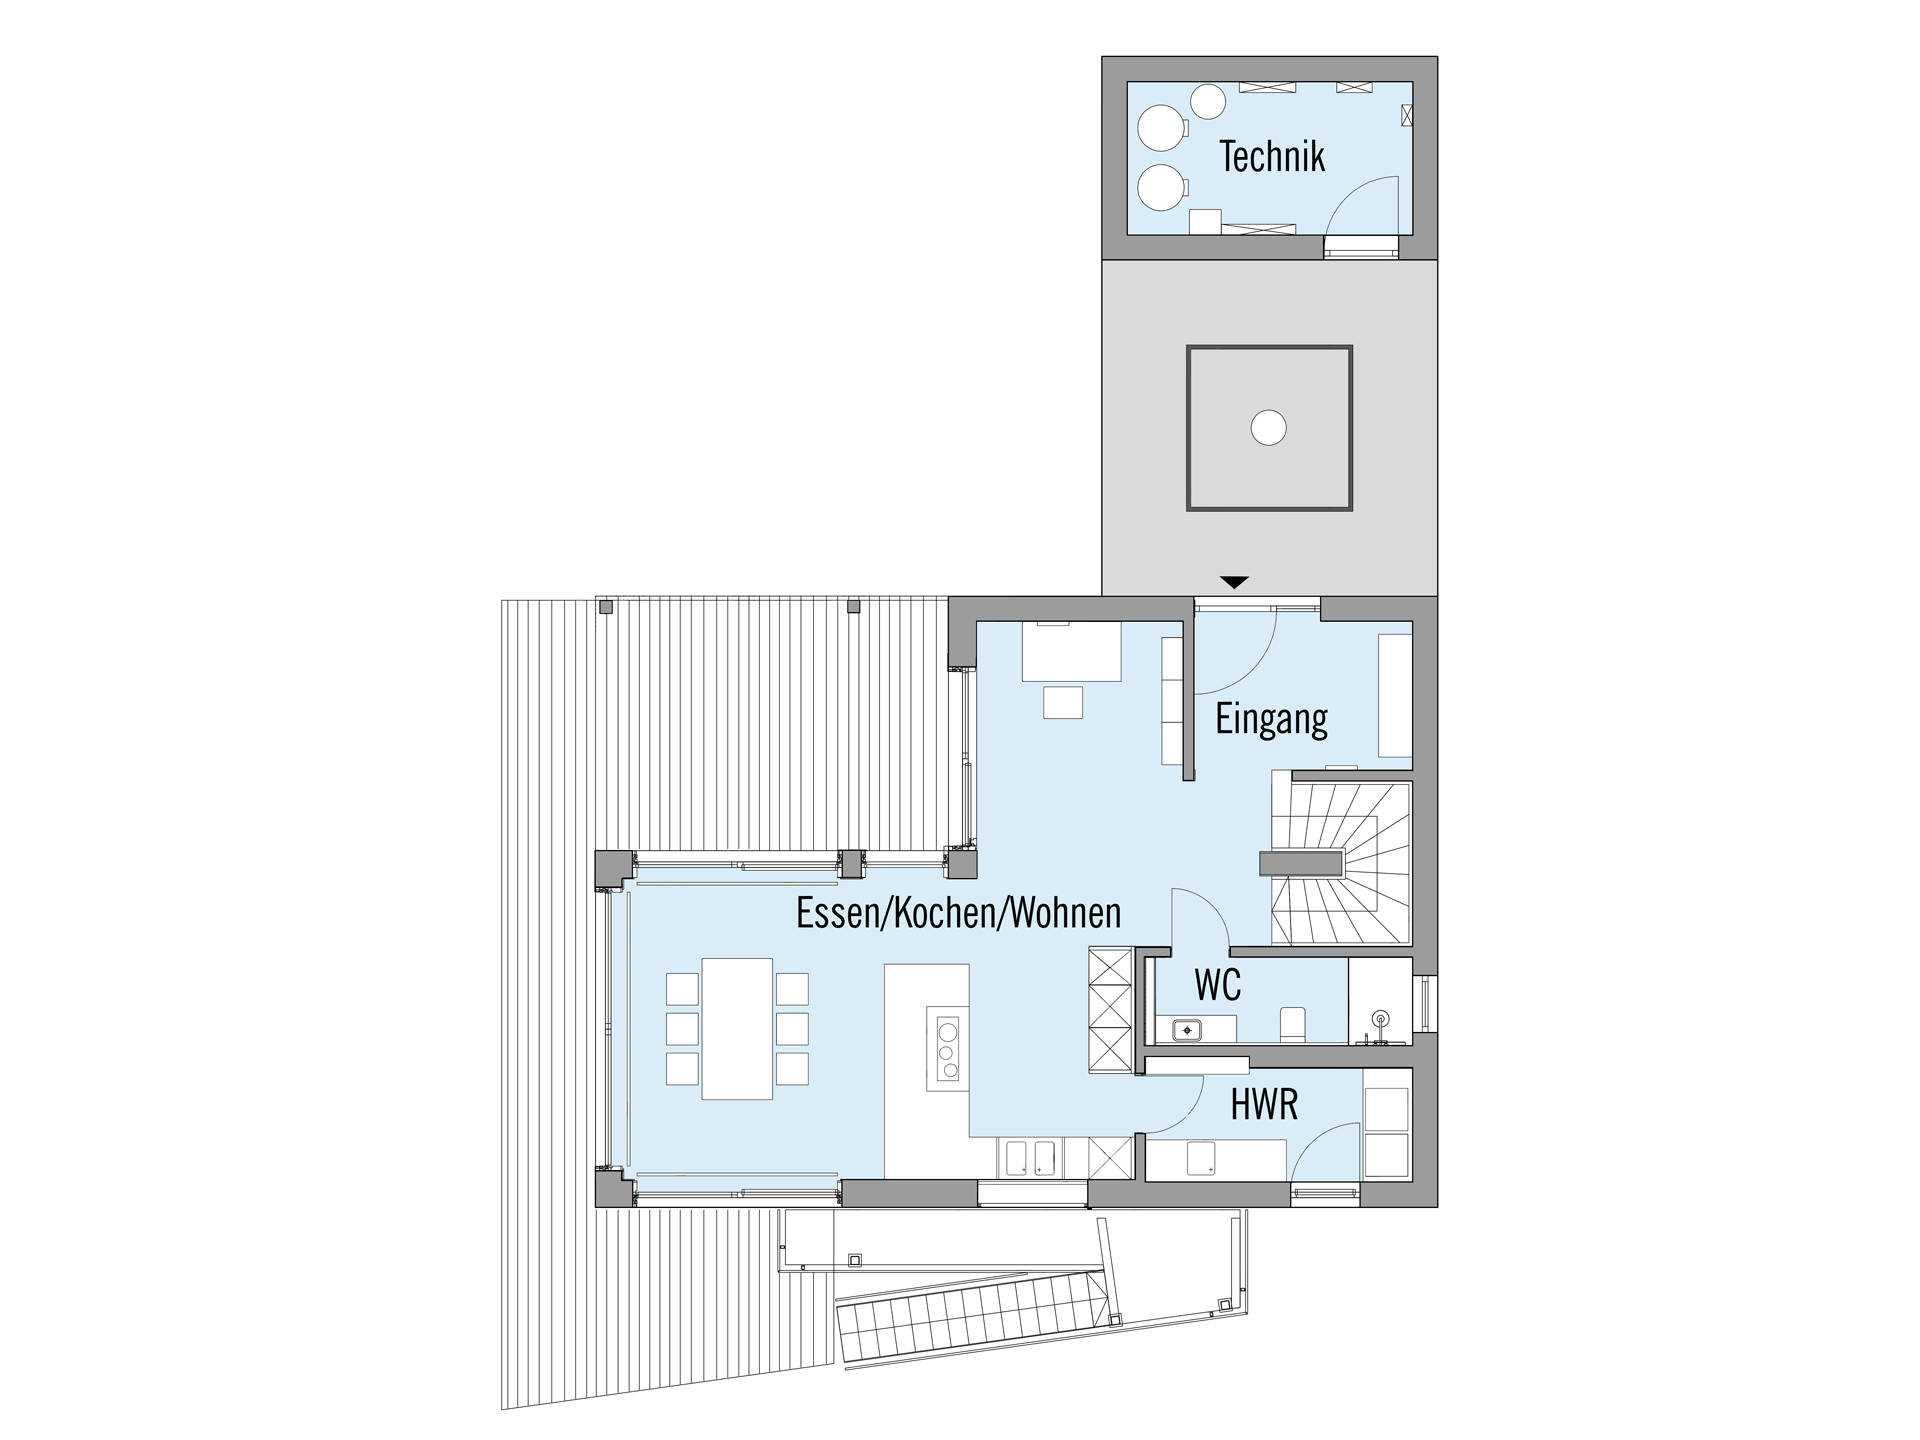 kohaus biohaus infos hausbeispiele zum kologischen bauen. Black Bedroom Furniture Sets. Home Design Ideas